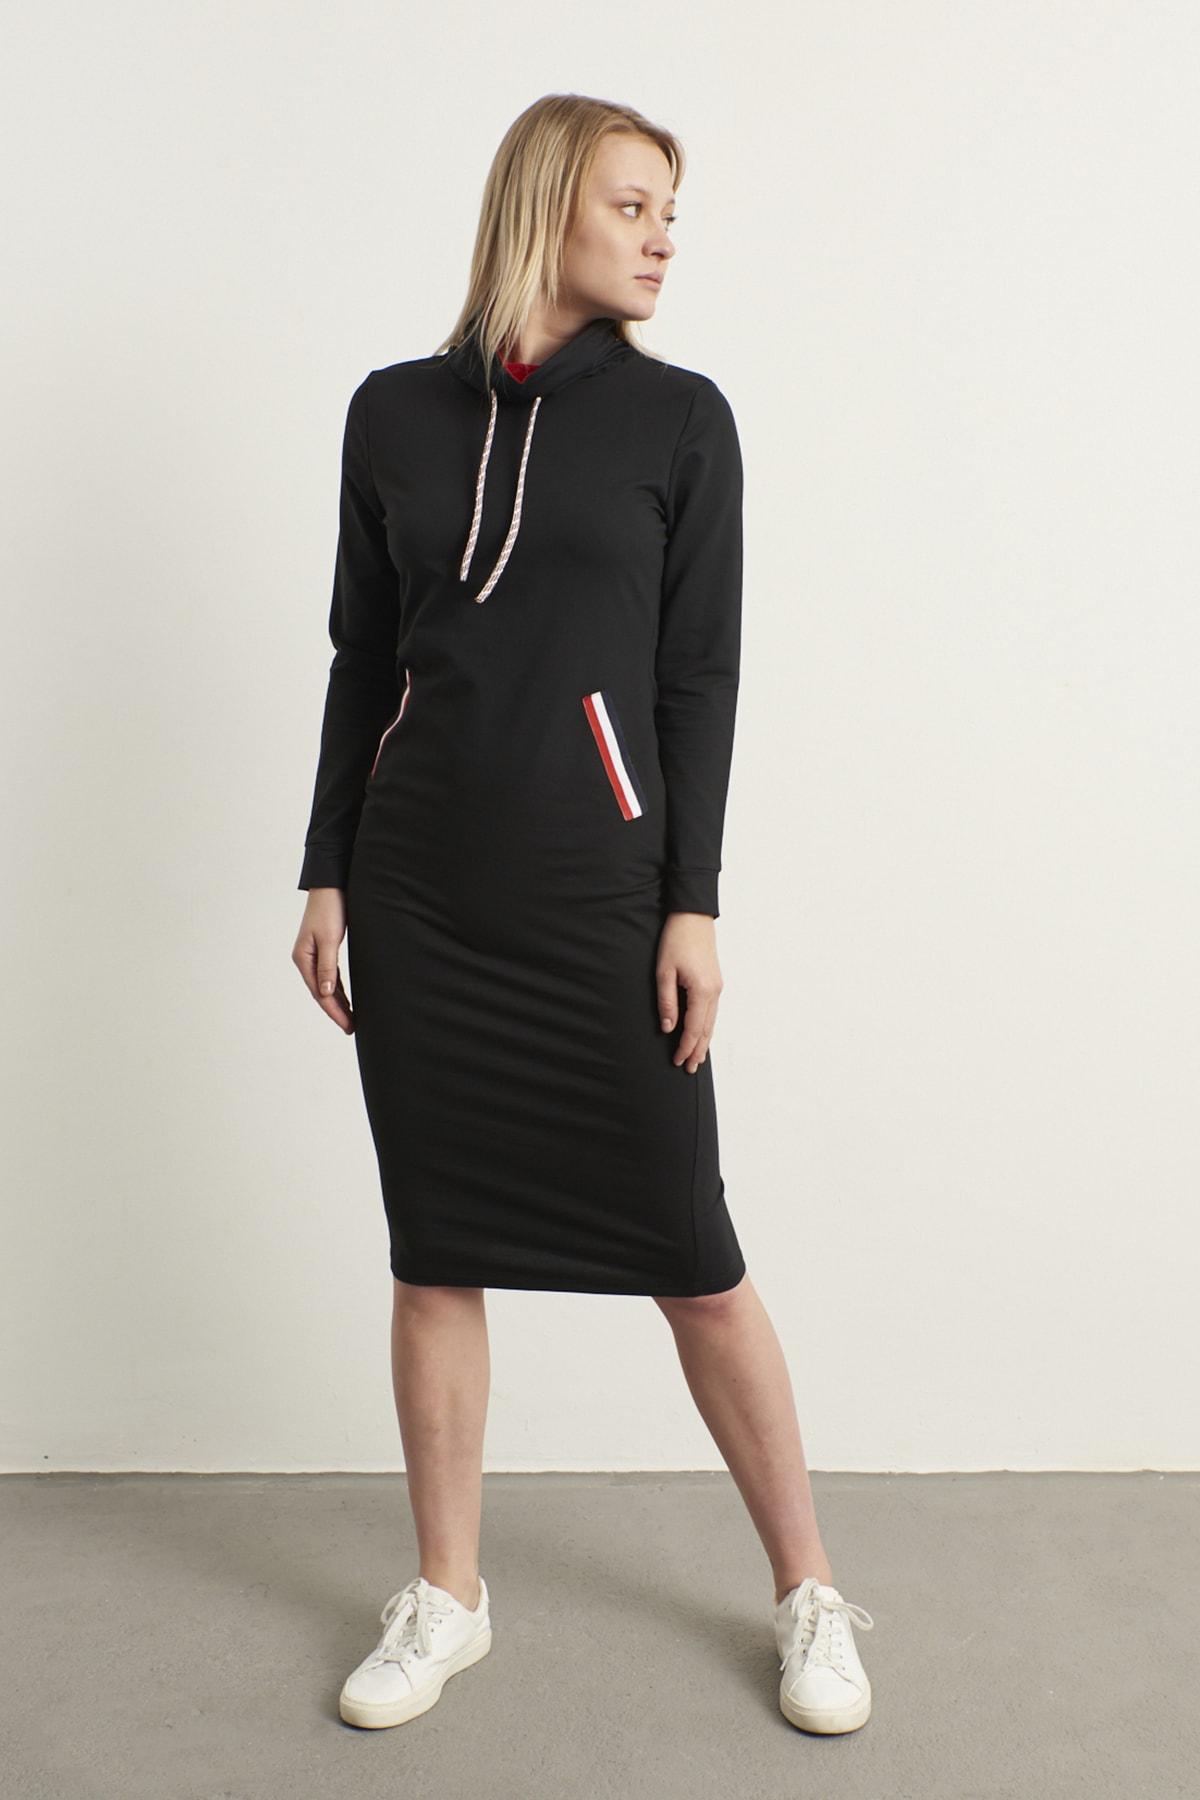 ELBİSENN Kadın Siyah Şerit Detay Spor Elbise 2